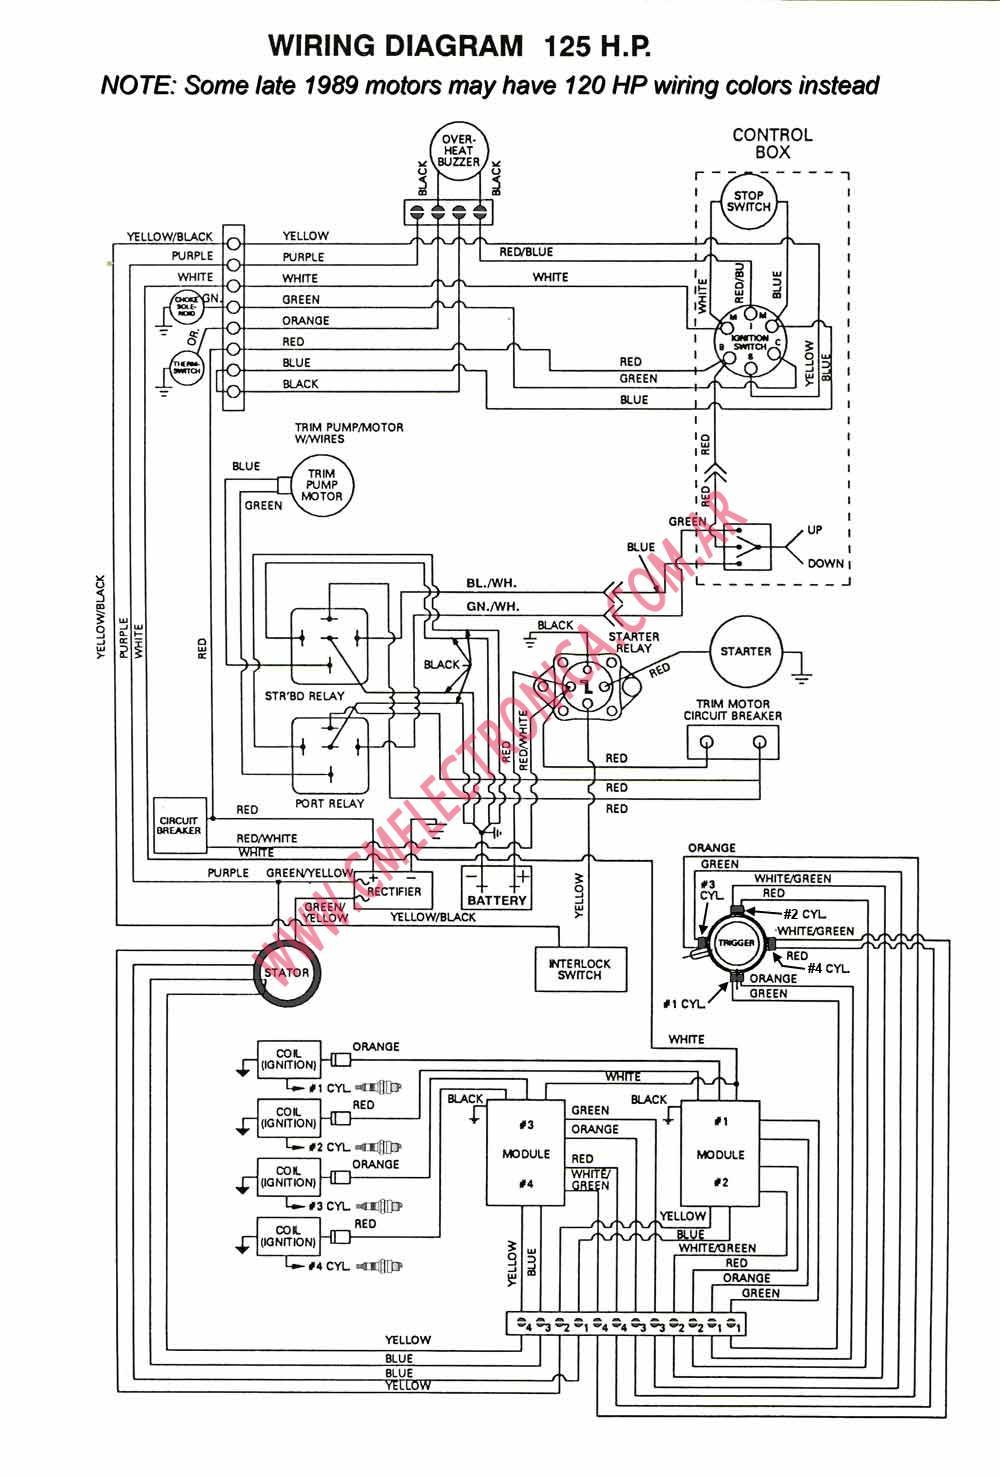 Wr f wiring diagram yz